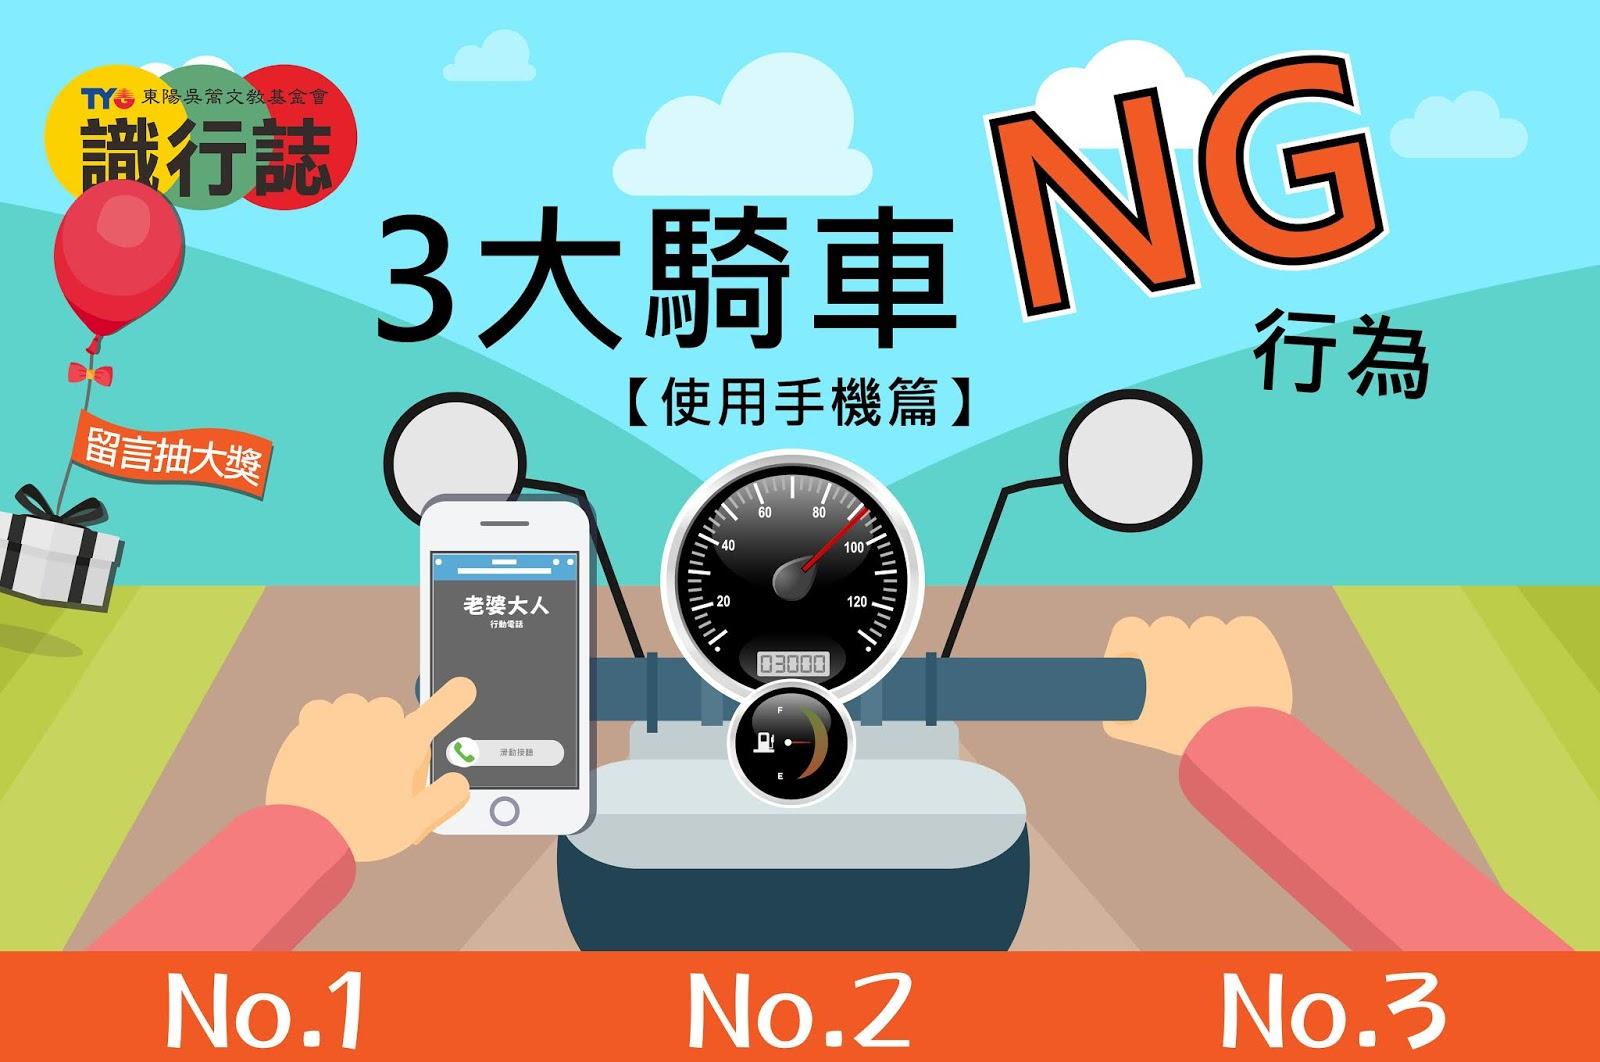 騎車NG行為,自己中了幾點,回覆訊息、操作導航、接聽電話,都是會被開罰的